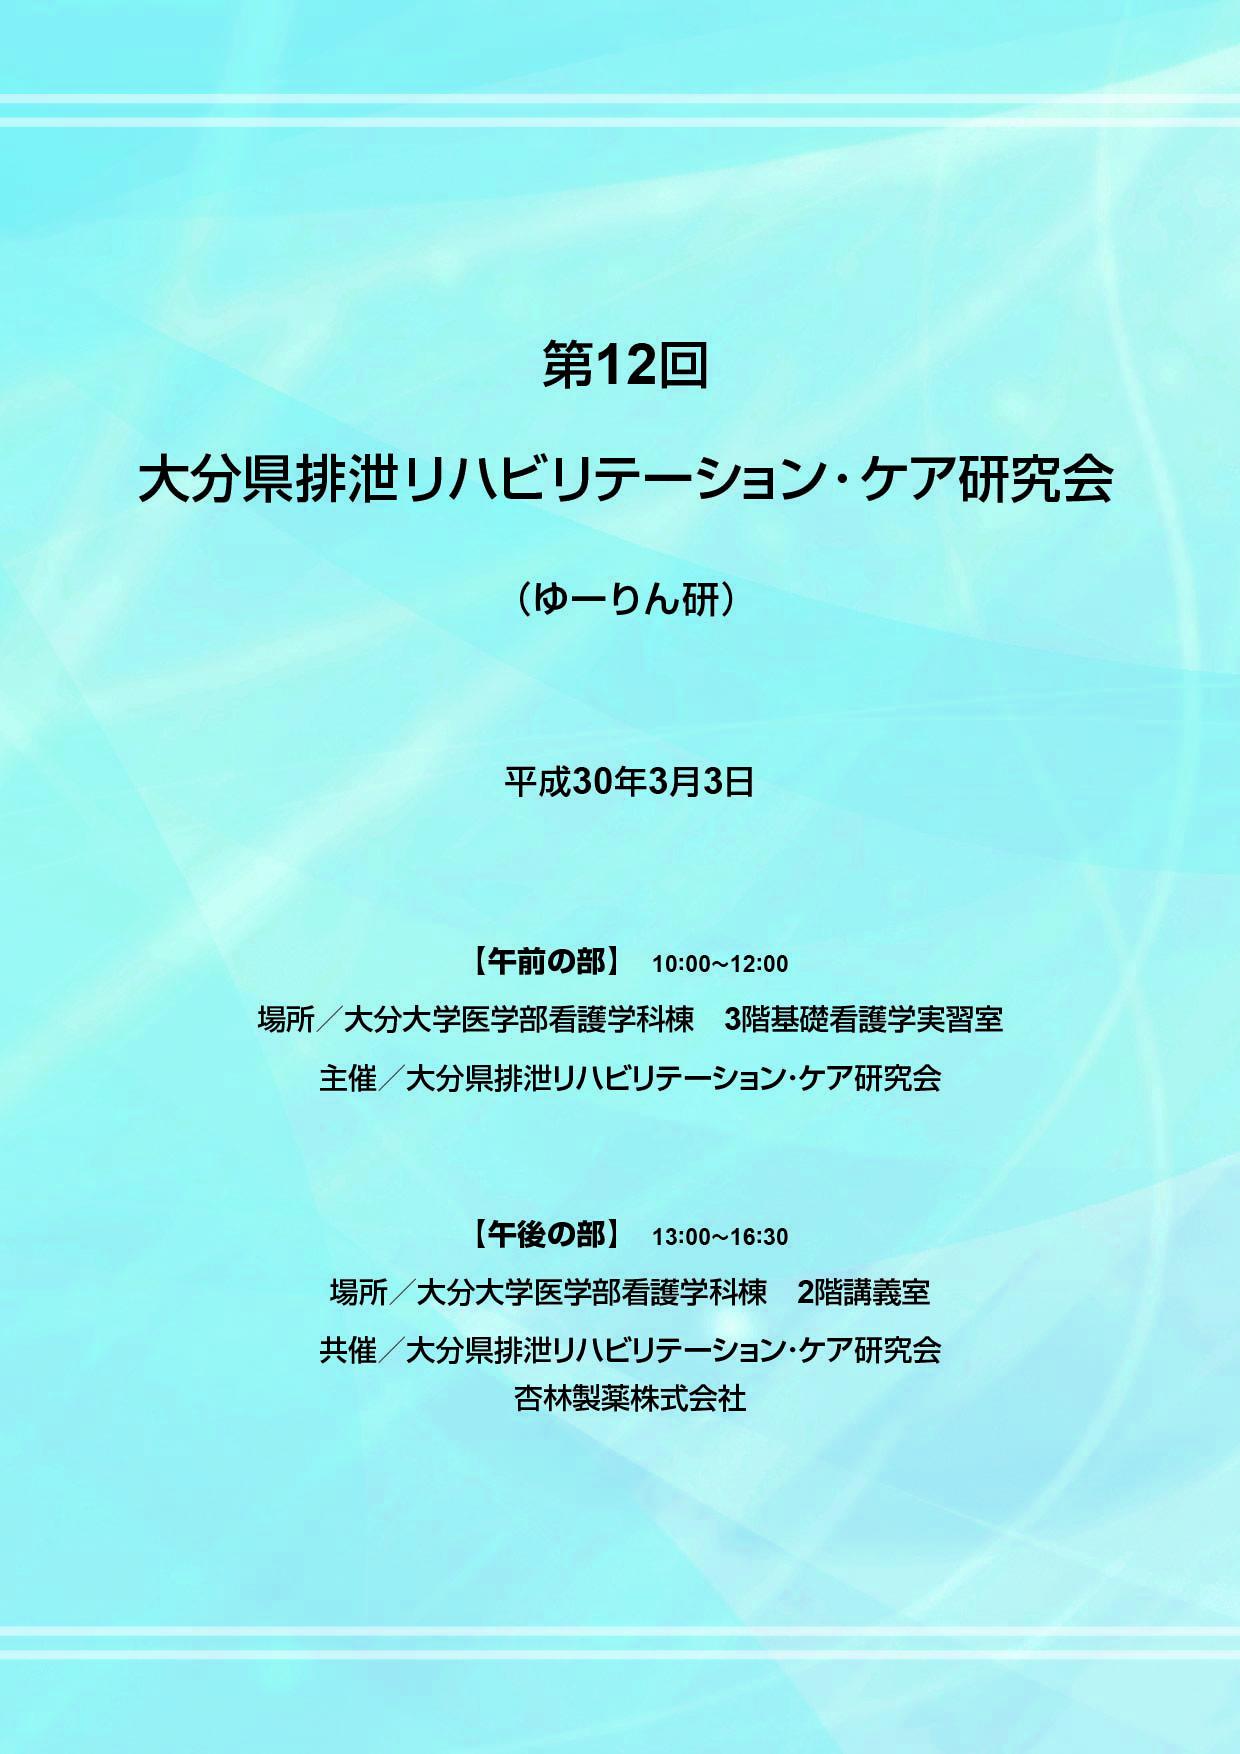 排泄リハ研究会第12回web表紙.jpg